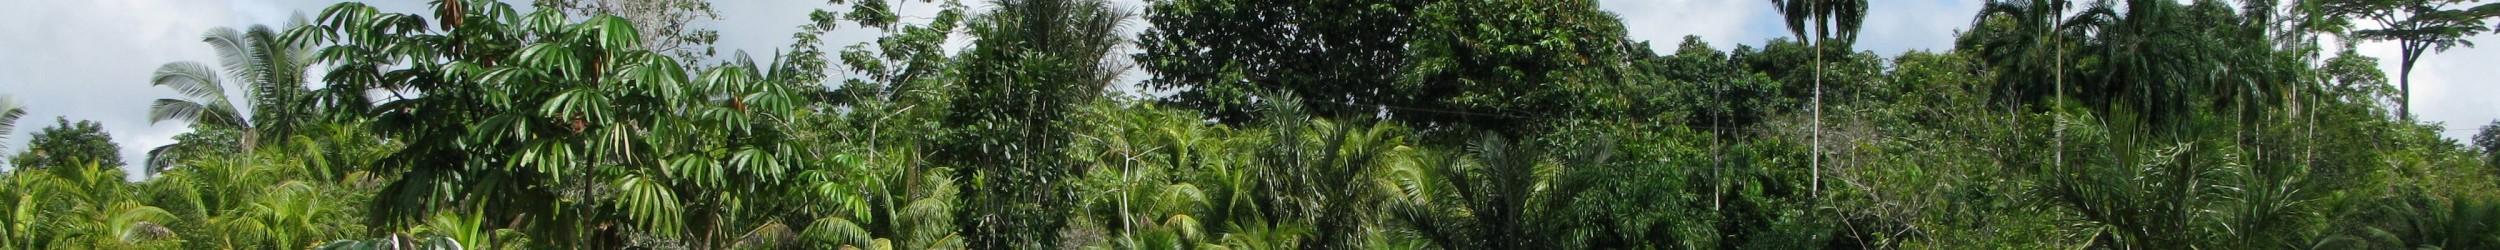 Tropisch Amazone bos 3 banner